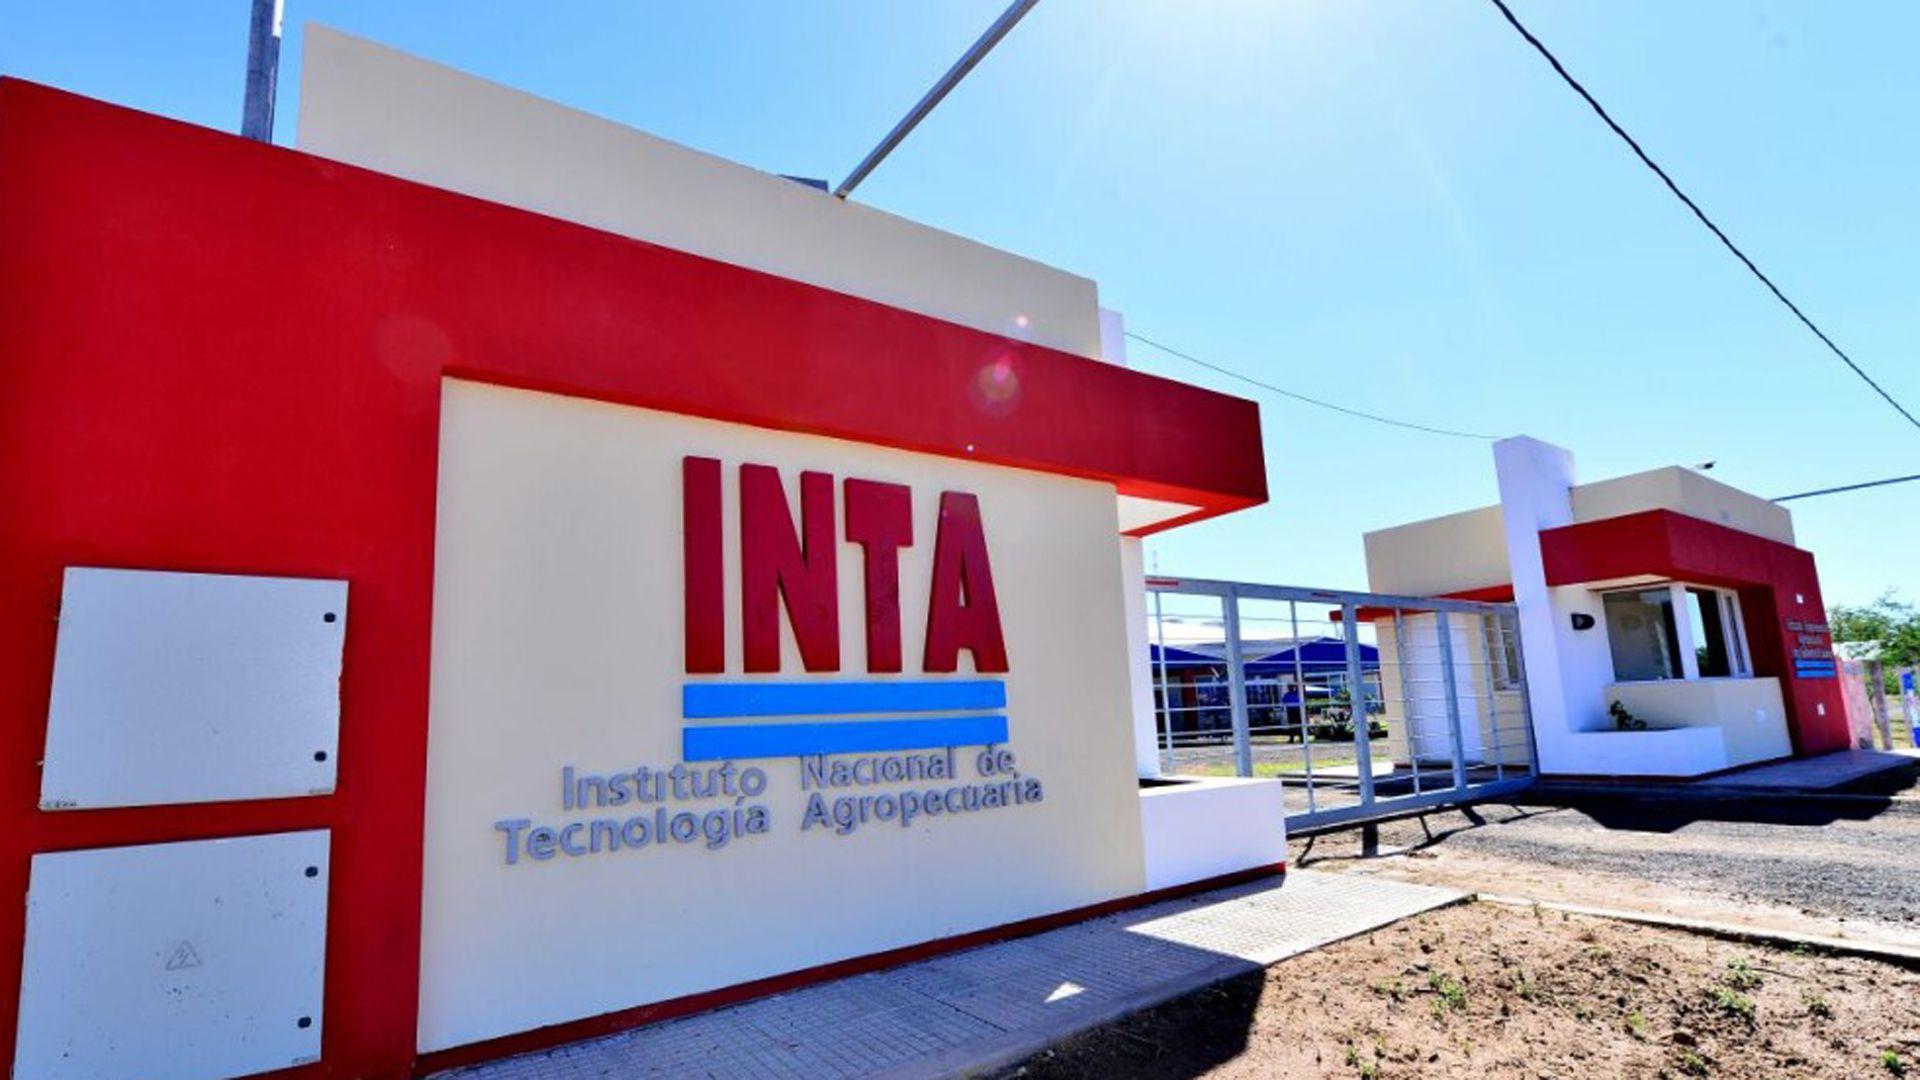 Trabajadores del INTA que responden al Frente de Todos, lanzaron duras críticas al sector agropecuario. Un grupo de rurales de la provincia de Buenos Aires rechazaron el pronunciamiento